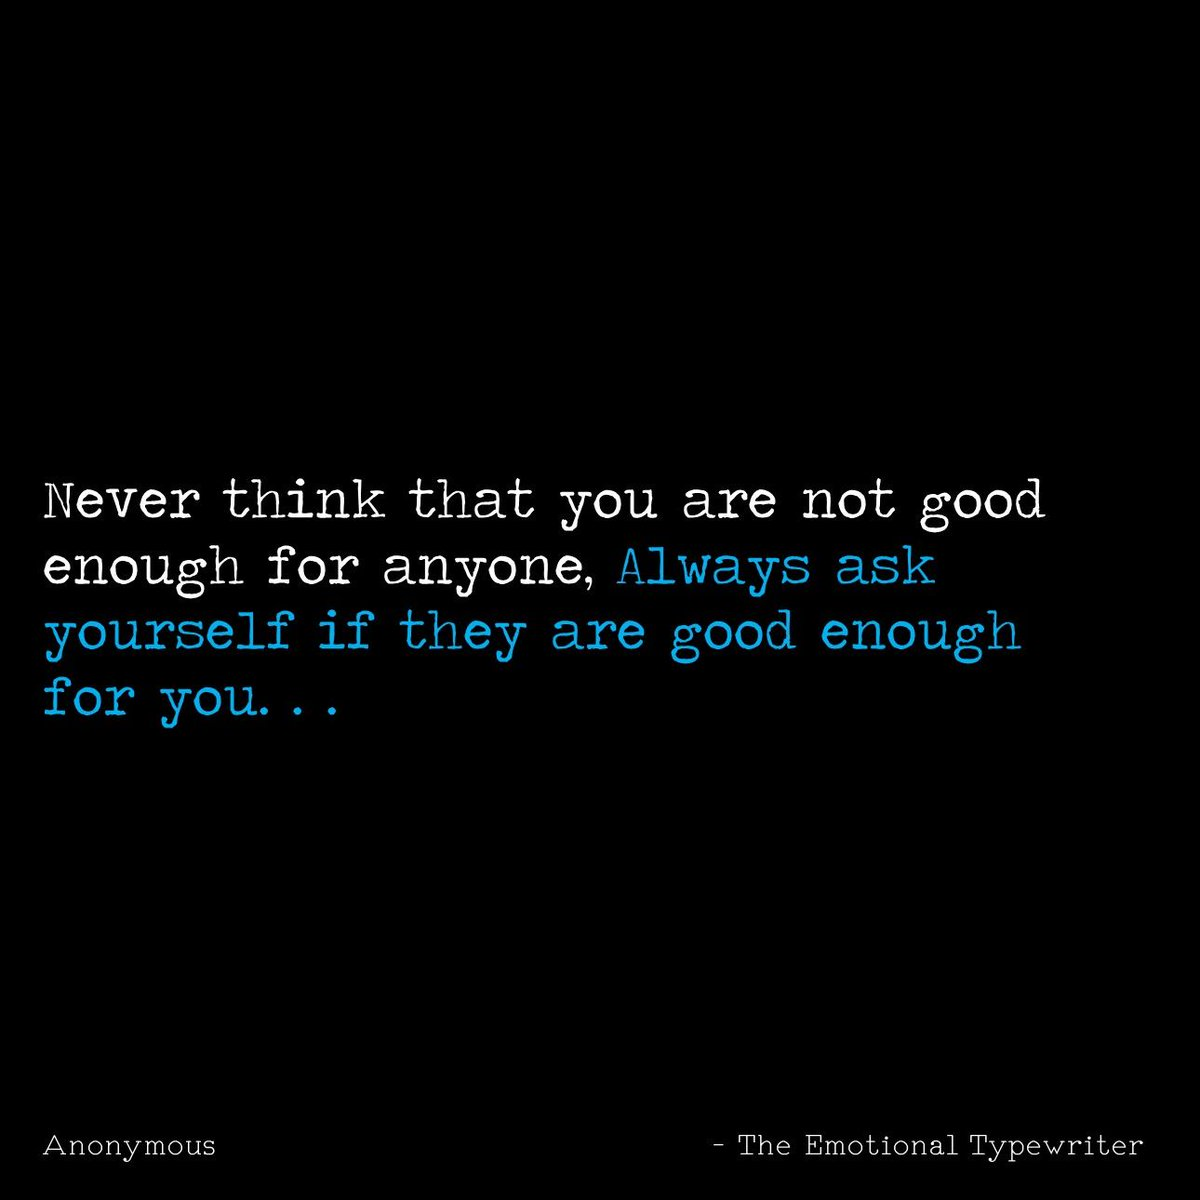 #TET #TheEmotionalTypewriter #Love #Rela...